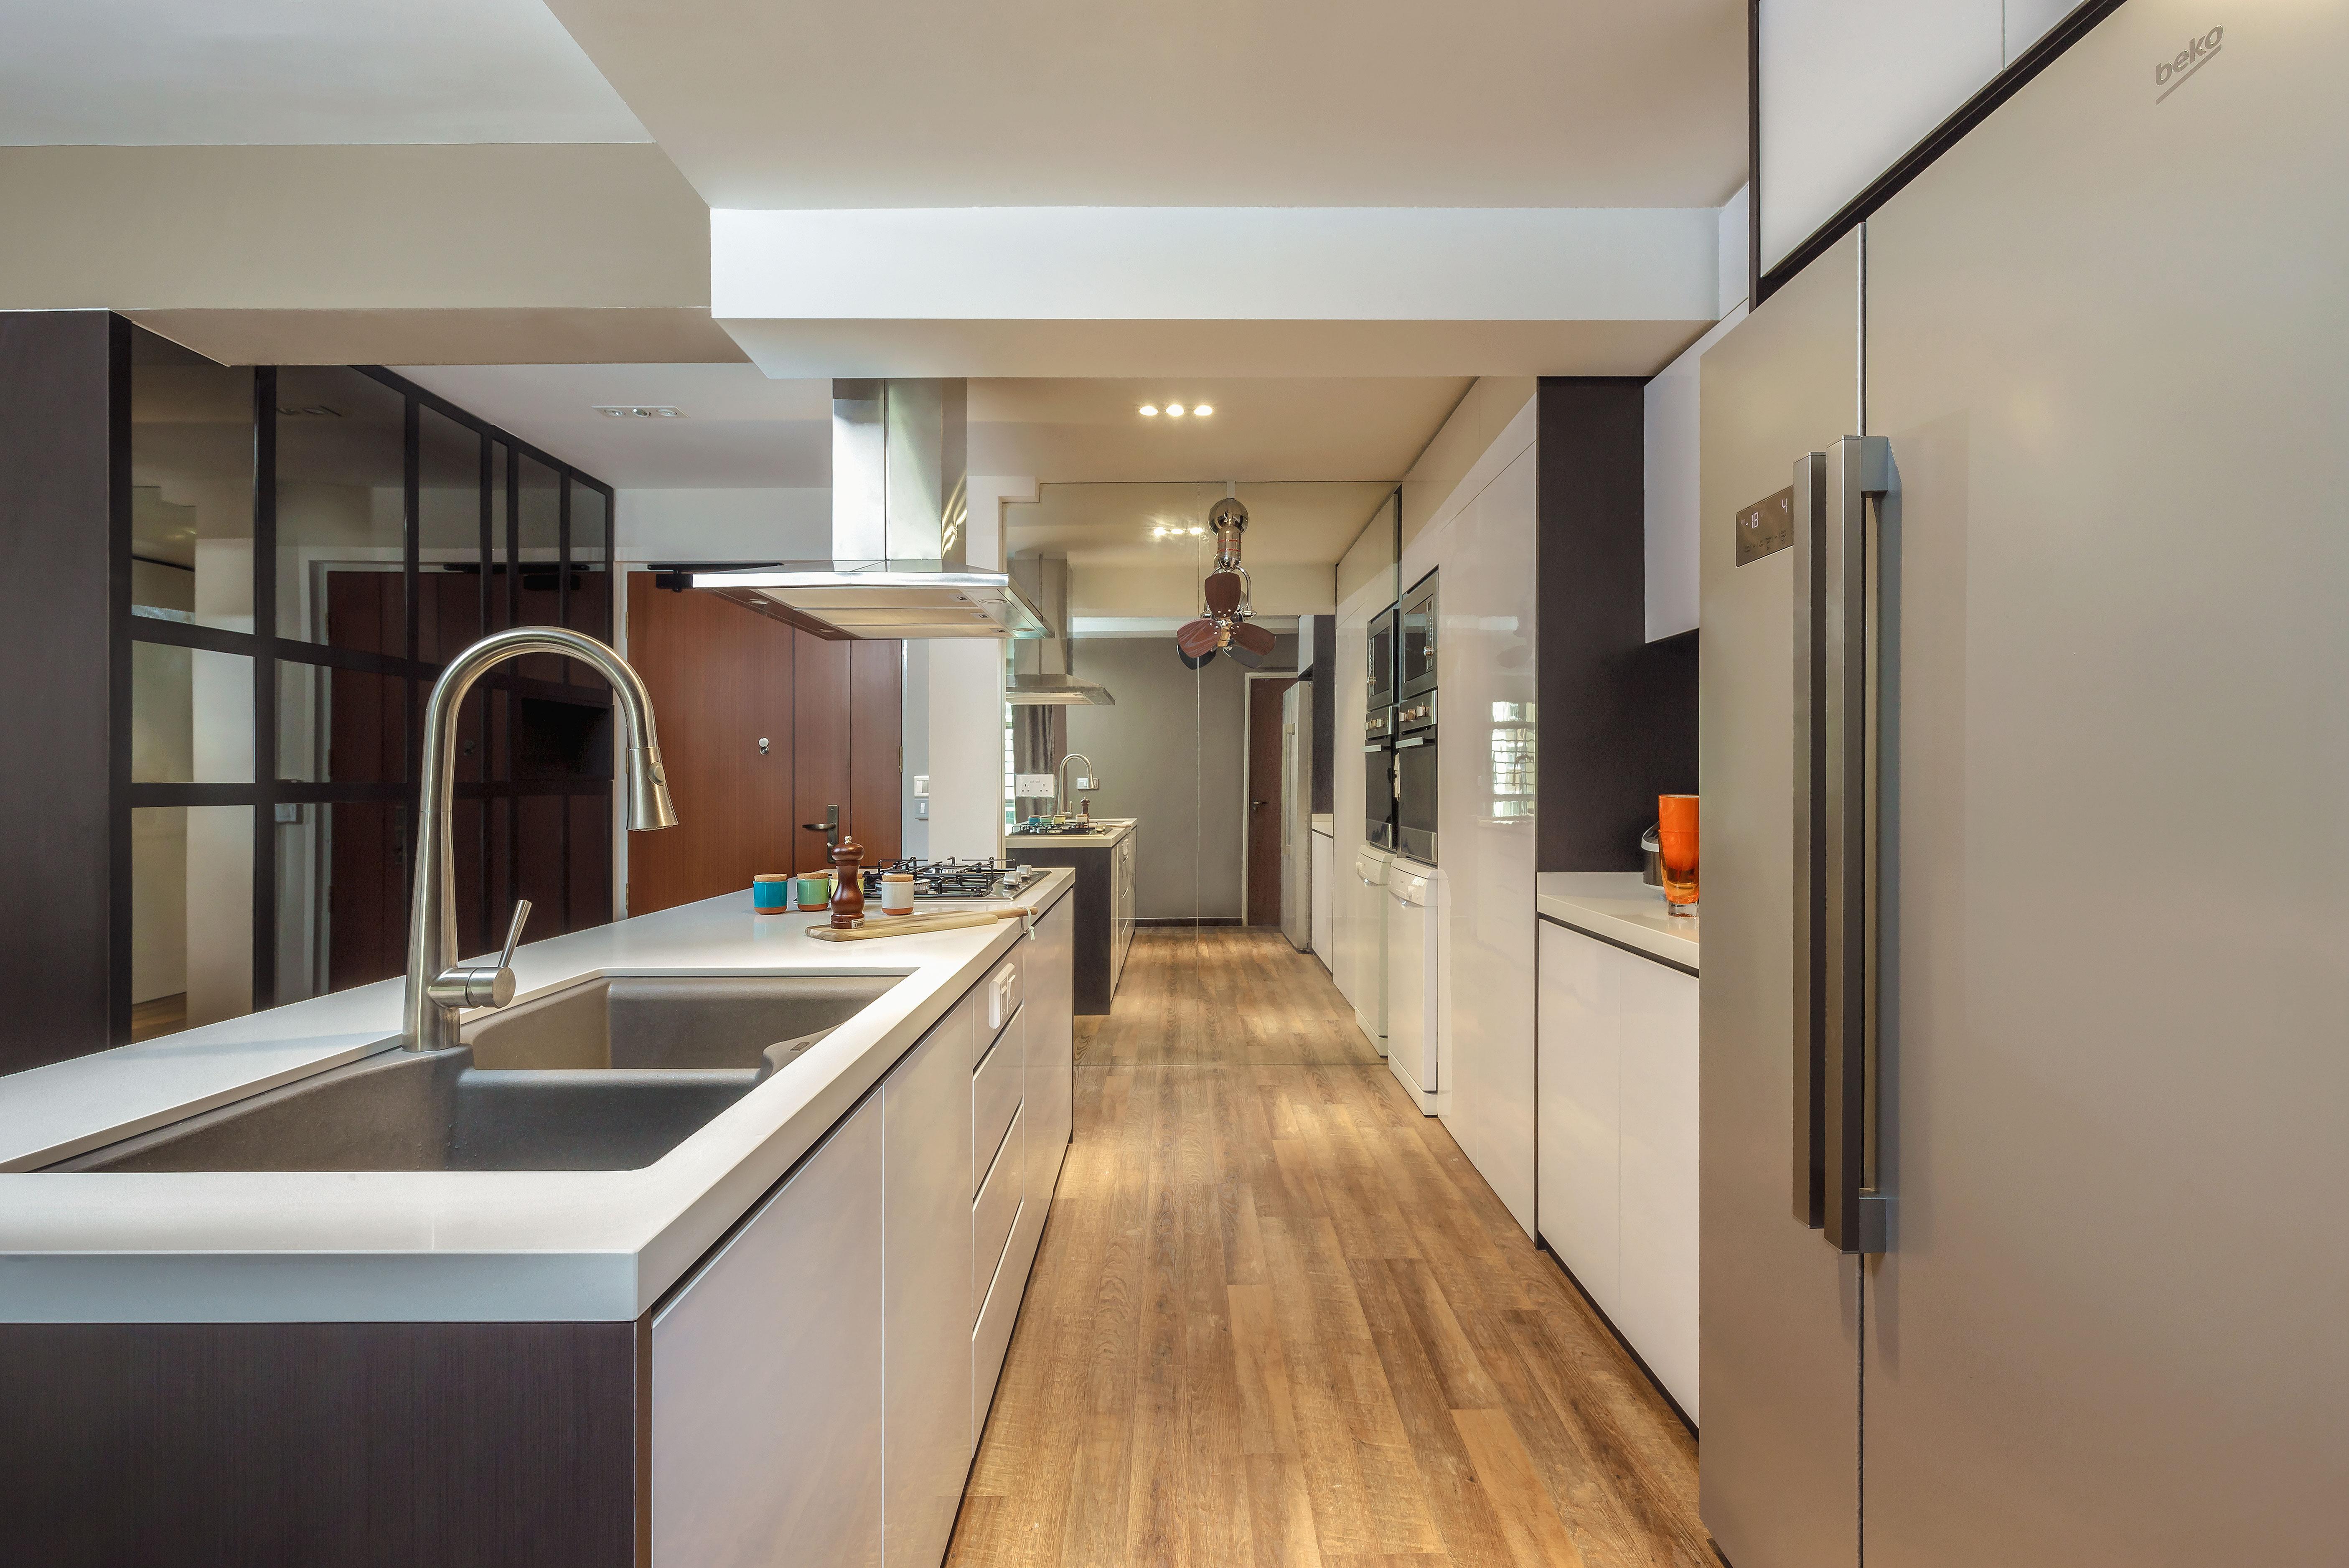 interior design Singapore HDB BTO Condominium Landed